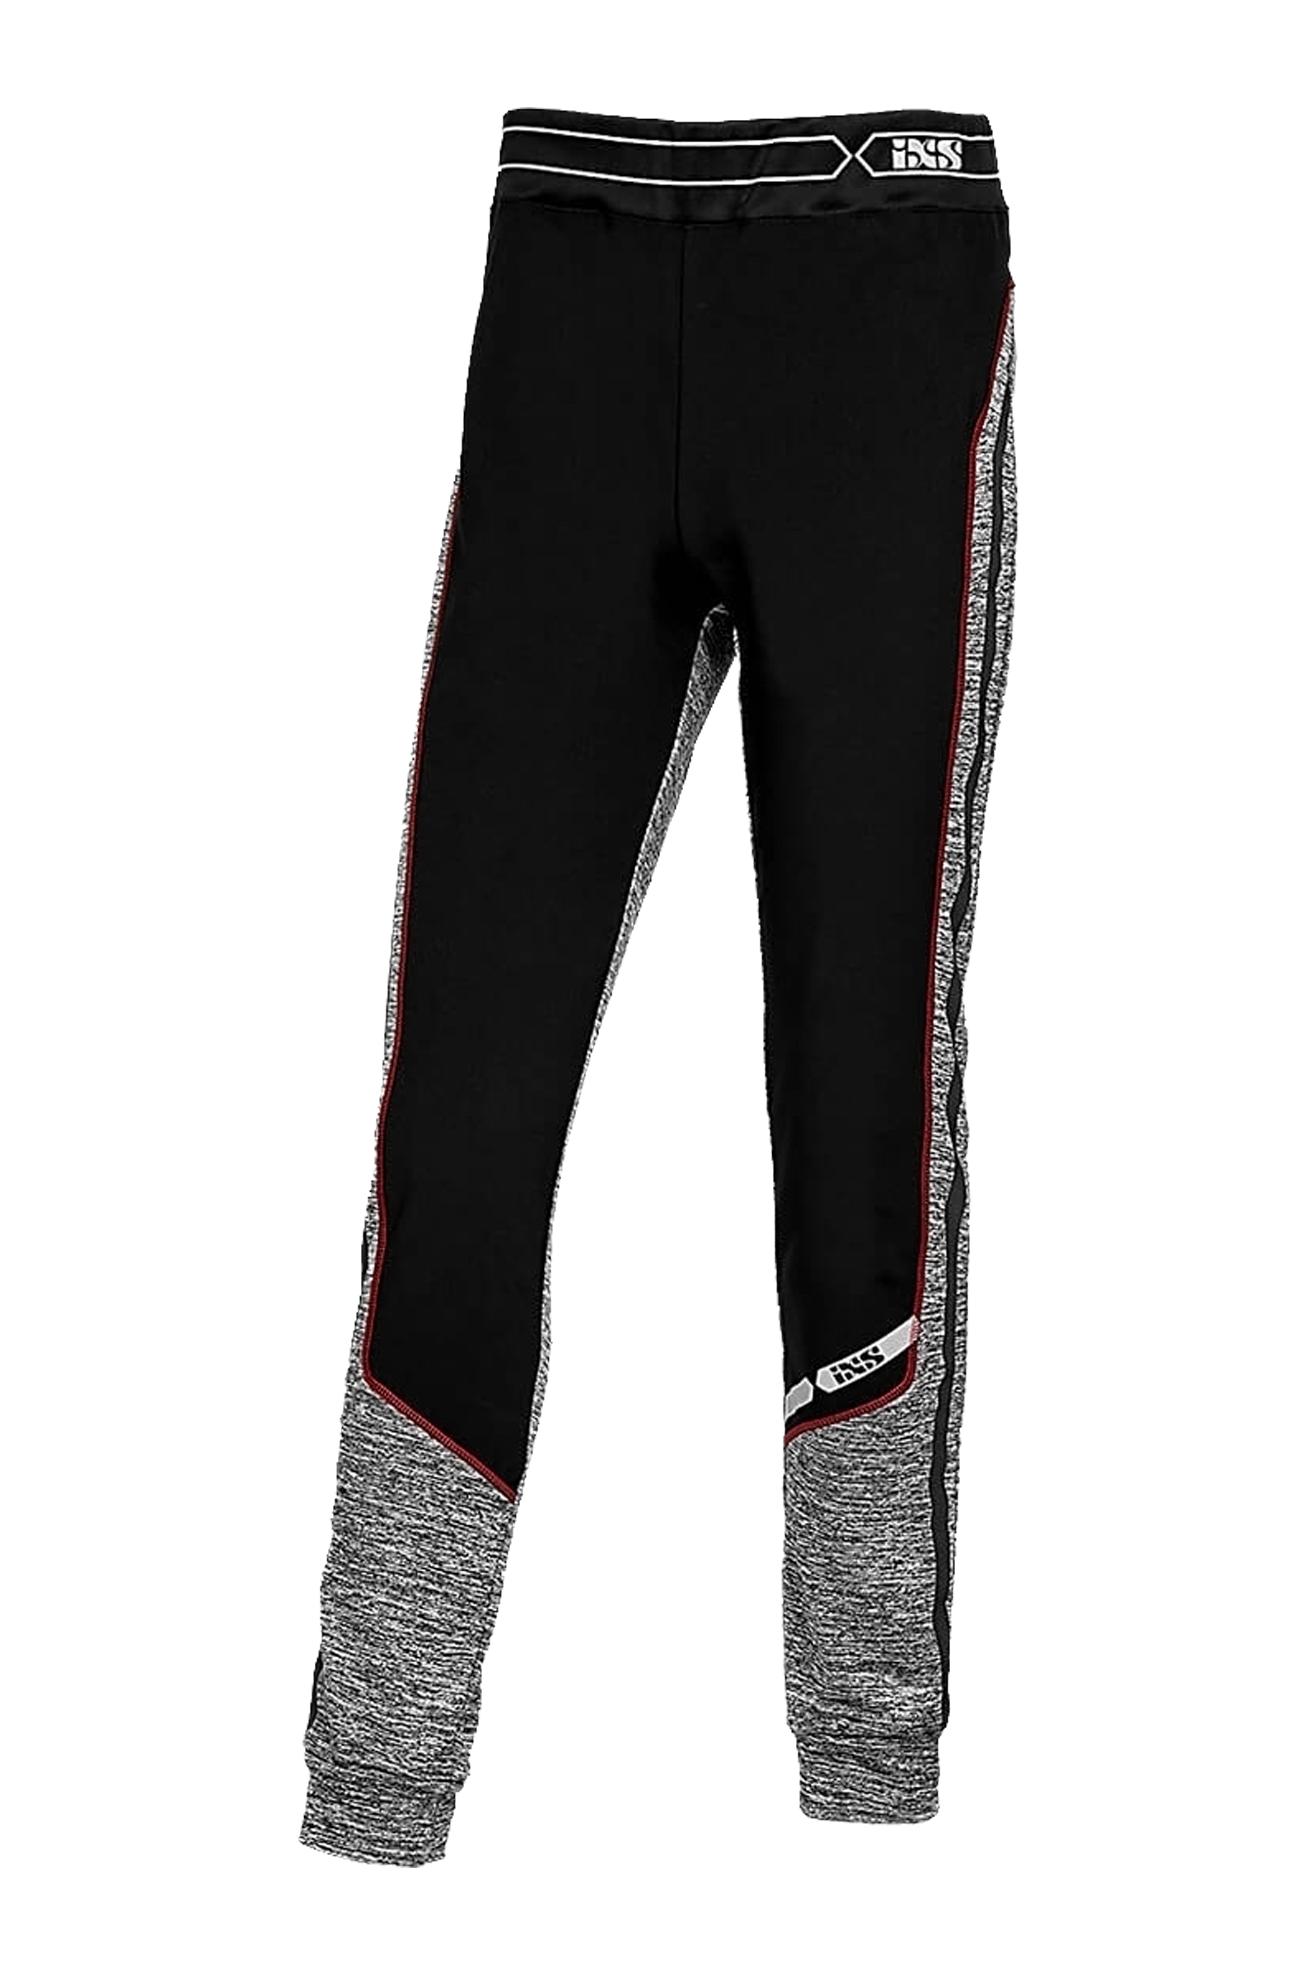 iXS Pantaloni Strato Intermedio  ICE Nero-Grigio-Rosso